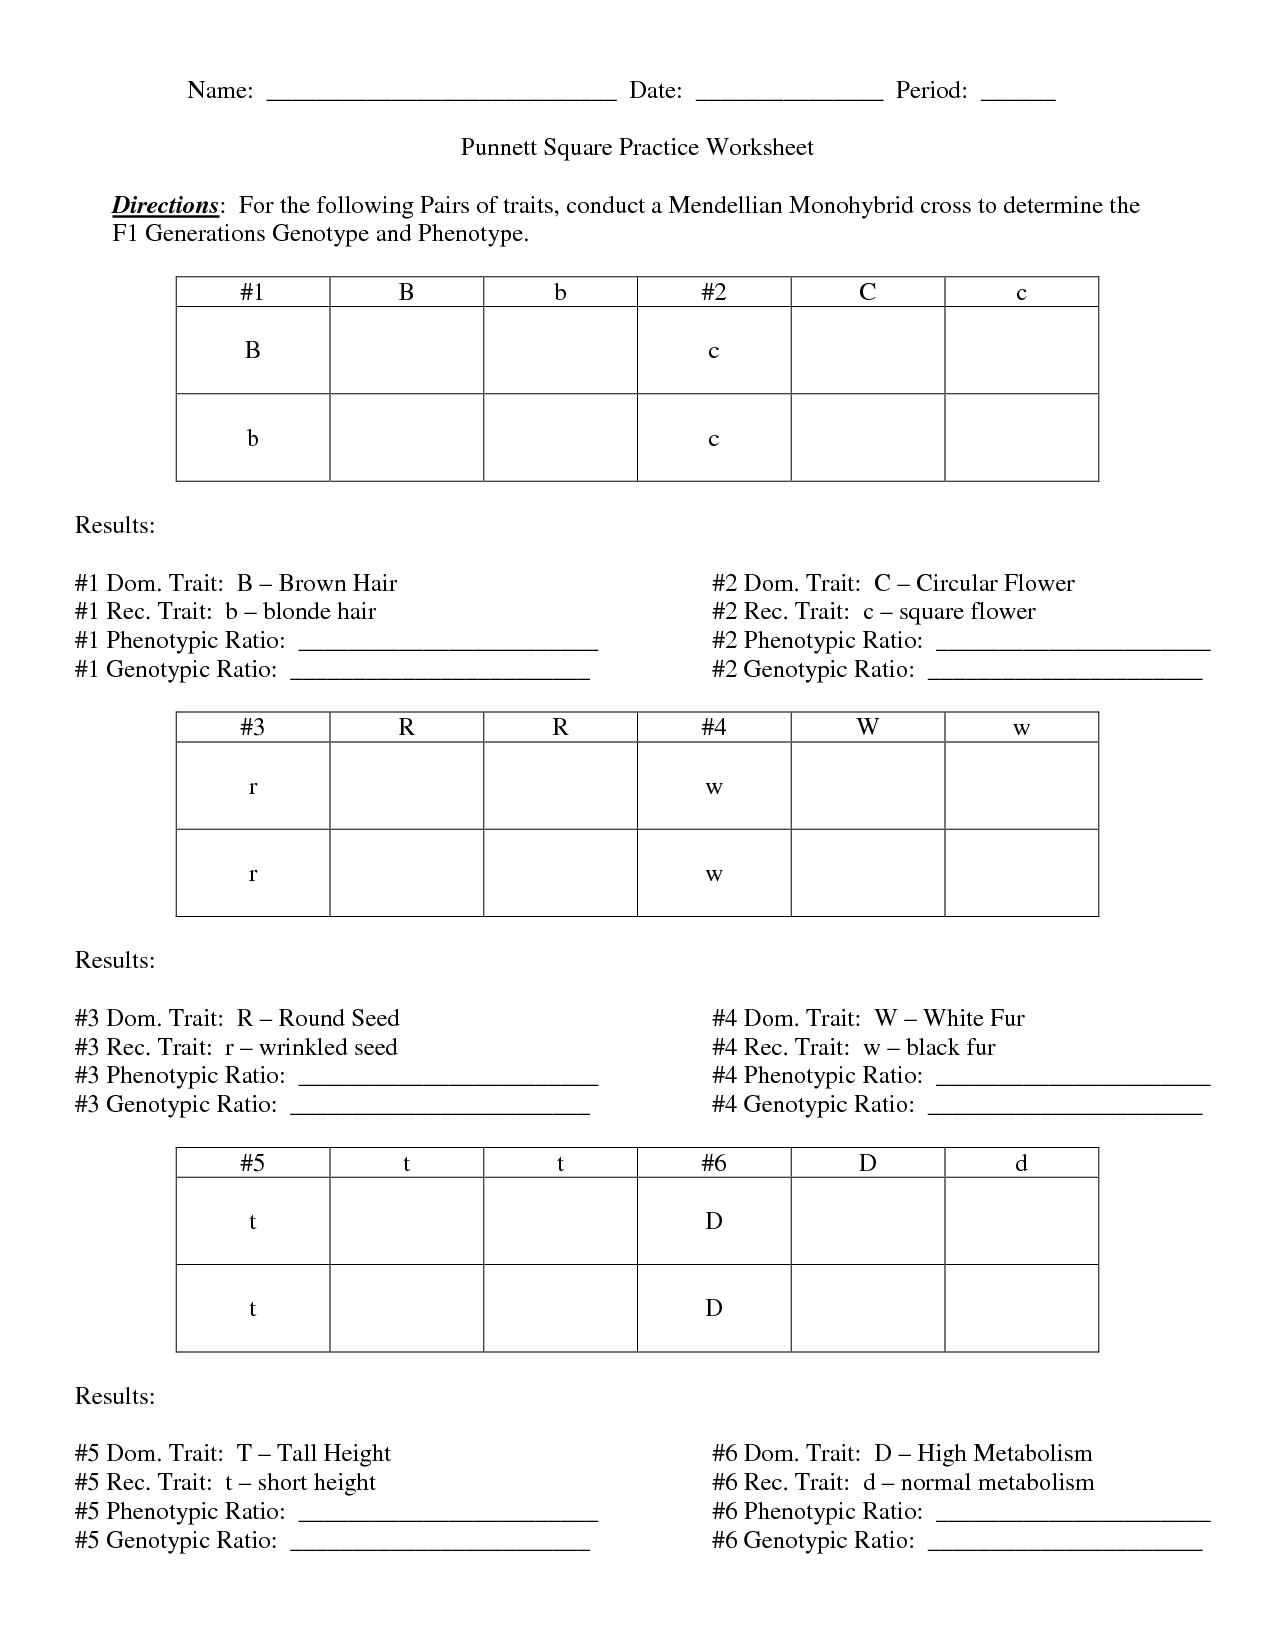 Worksheet Punnett Square Worksheet 1 Answer Key